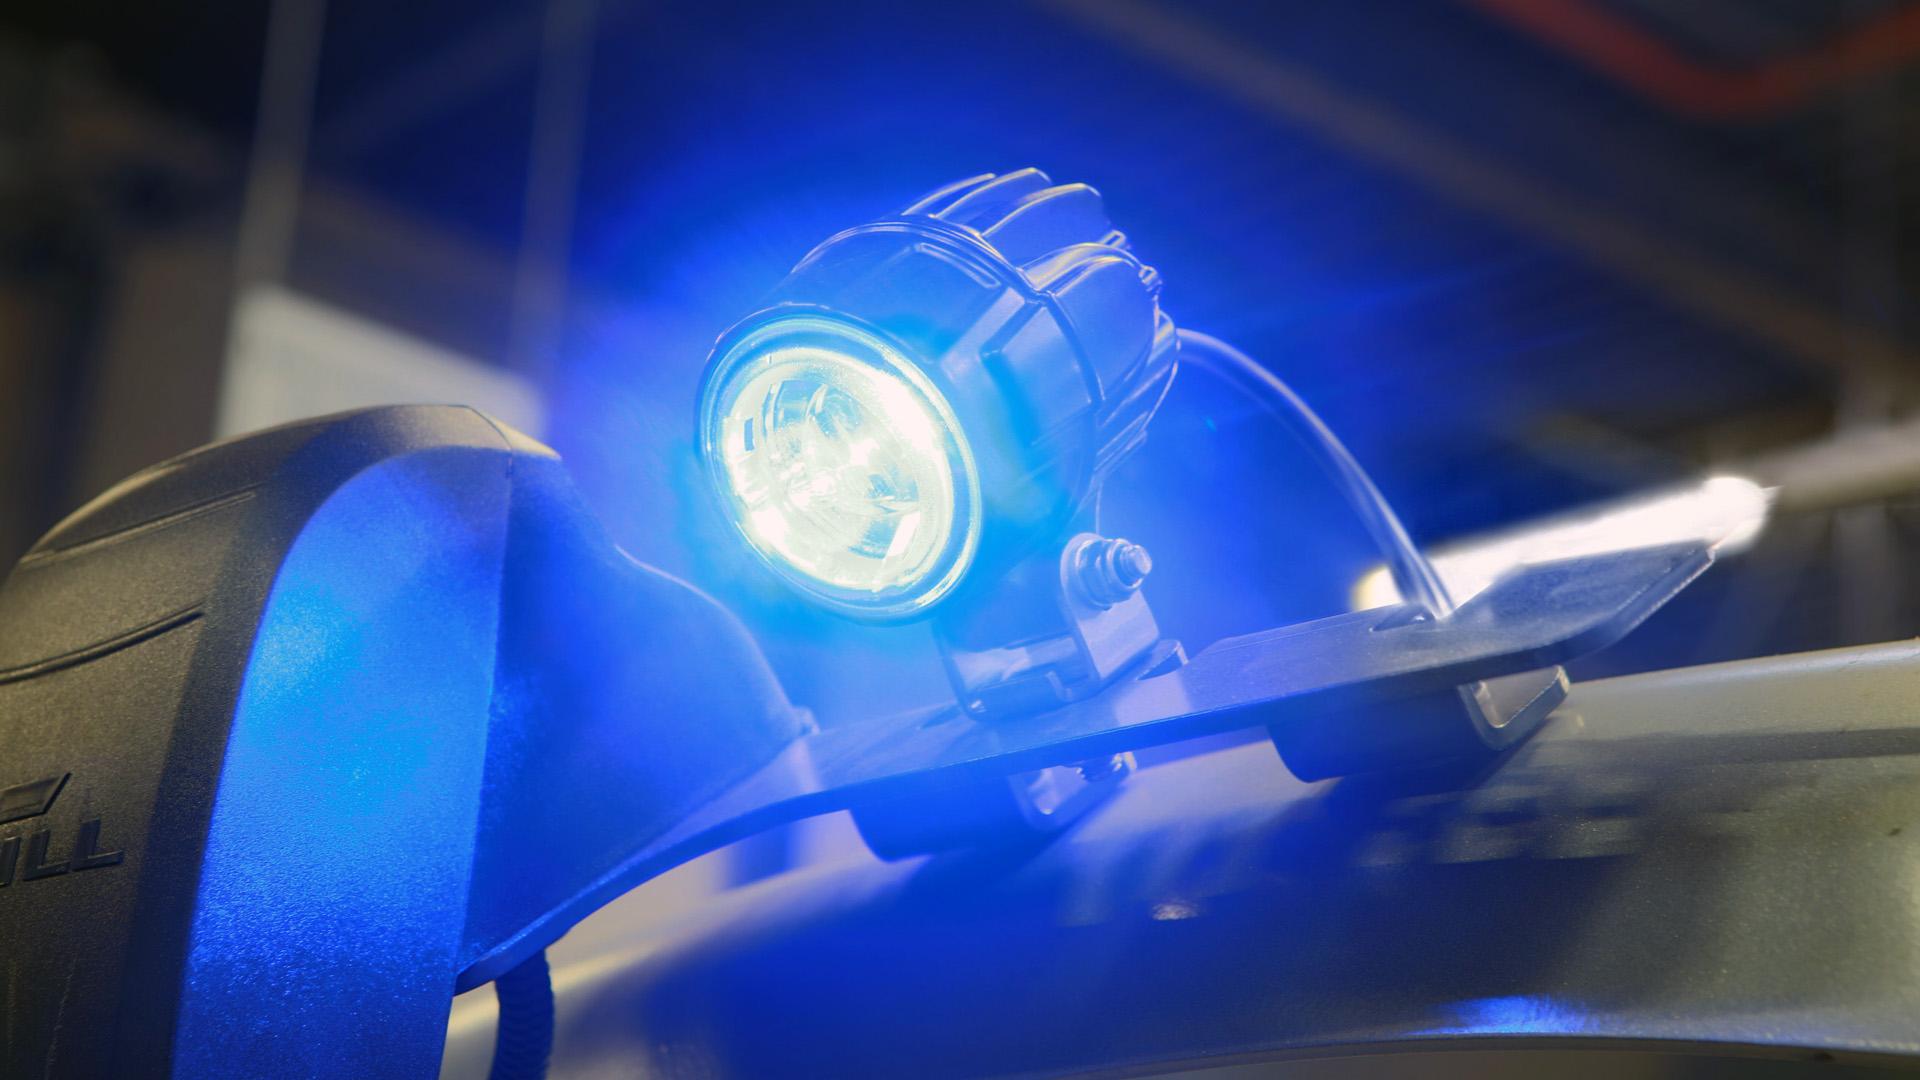 ¿Porque prefieren los trabajadores los sistemas LED?